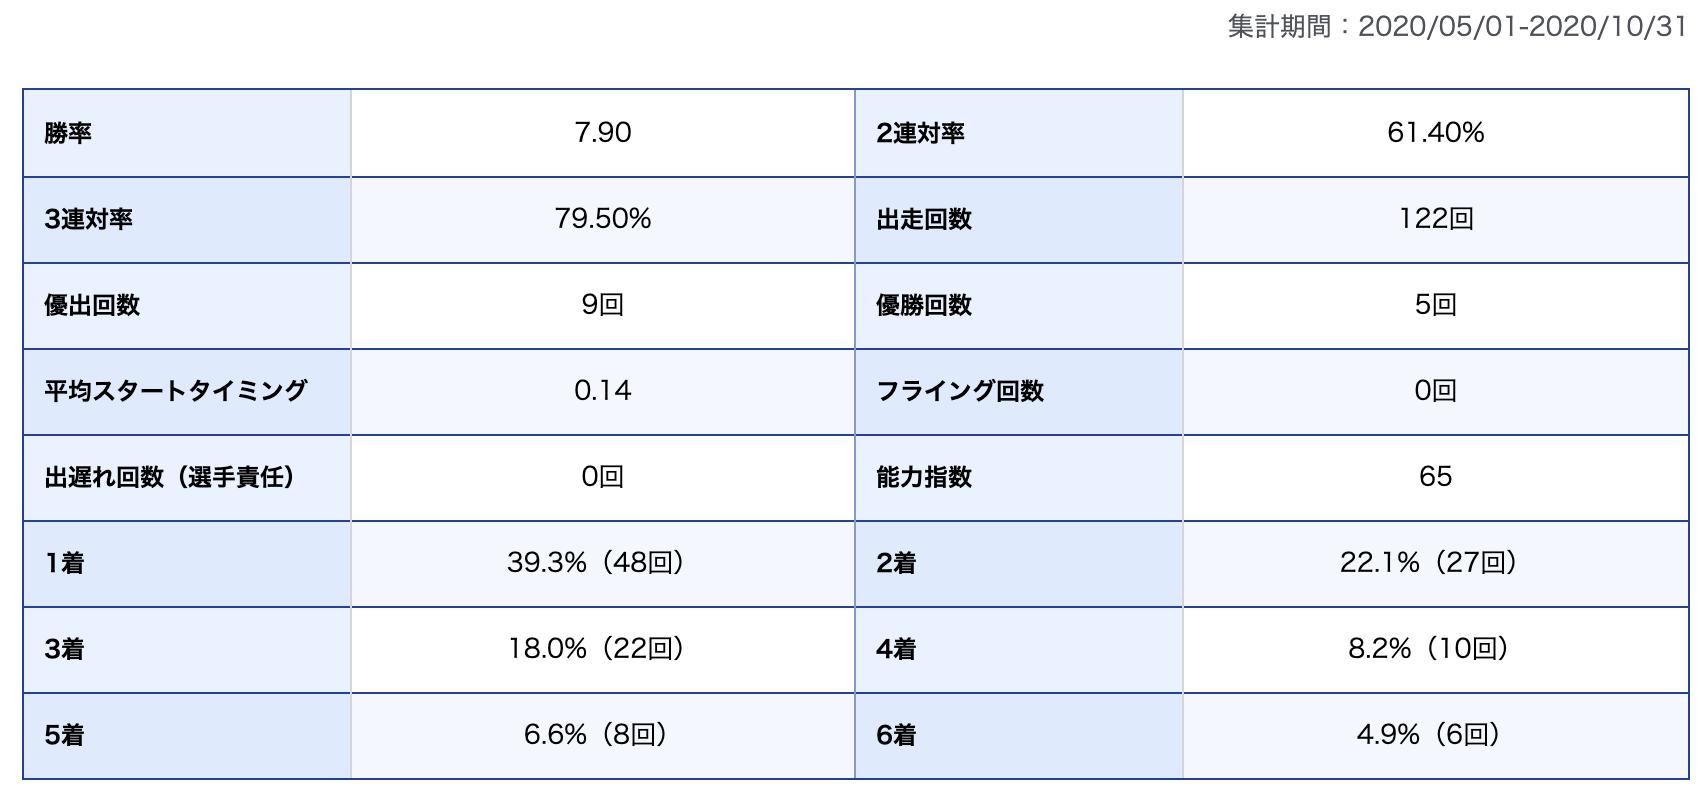 興津藍選手期別成績